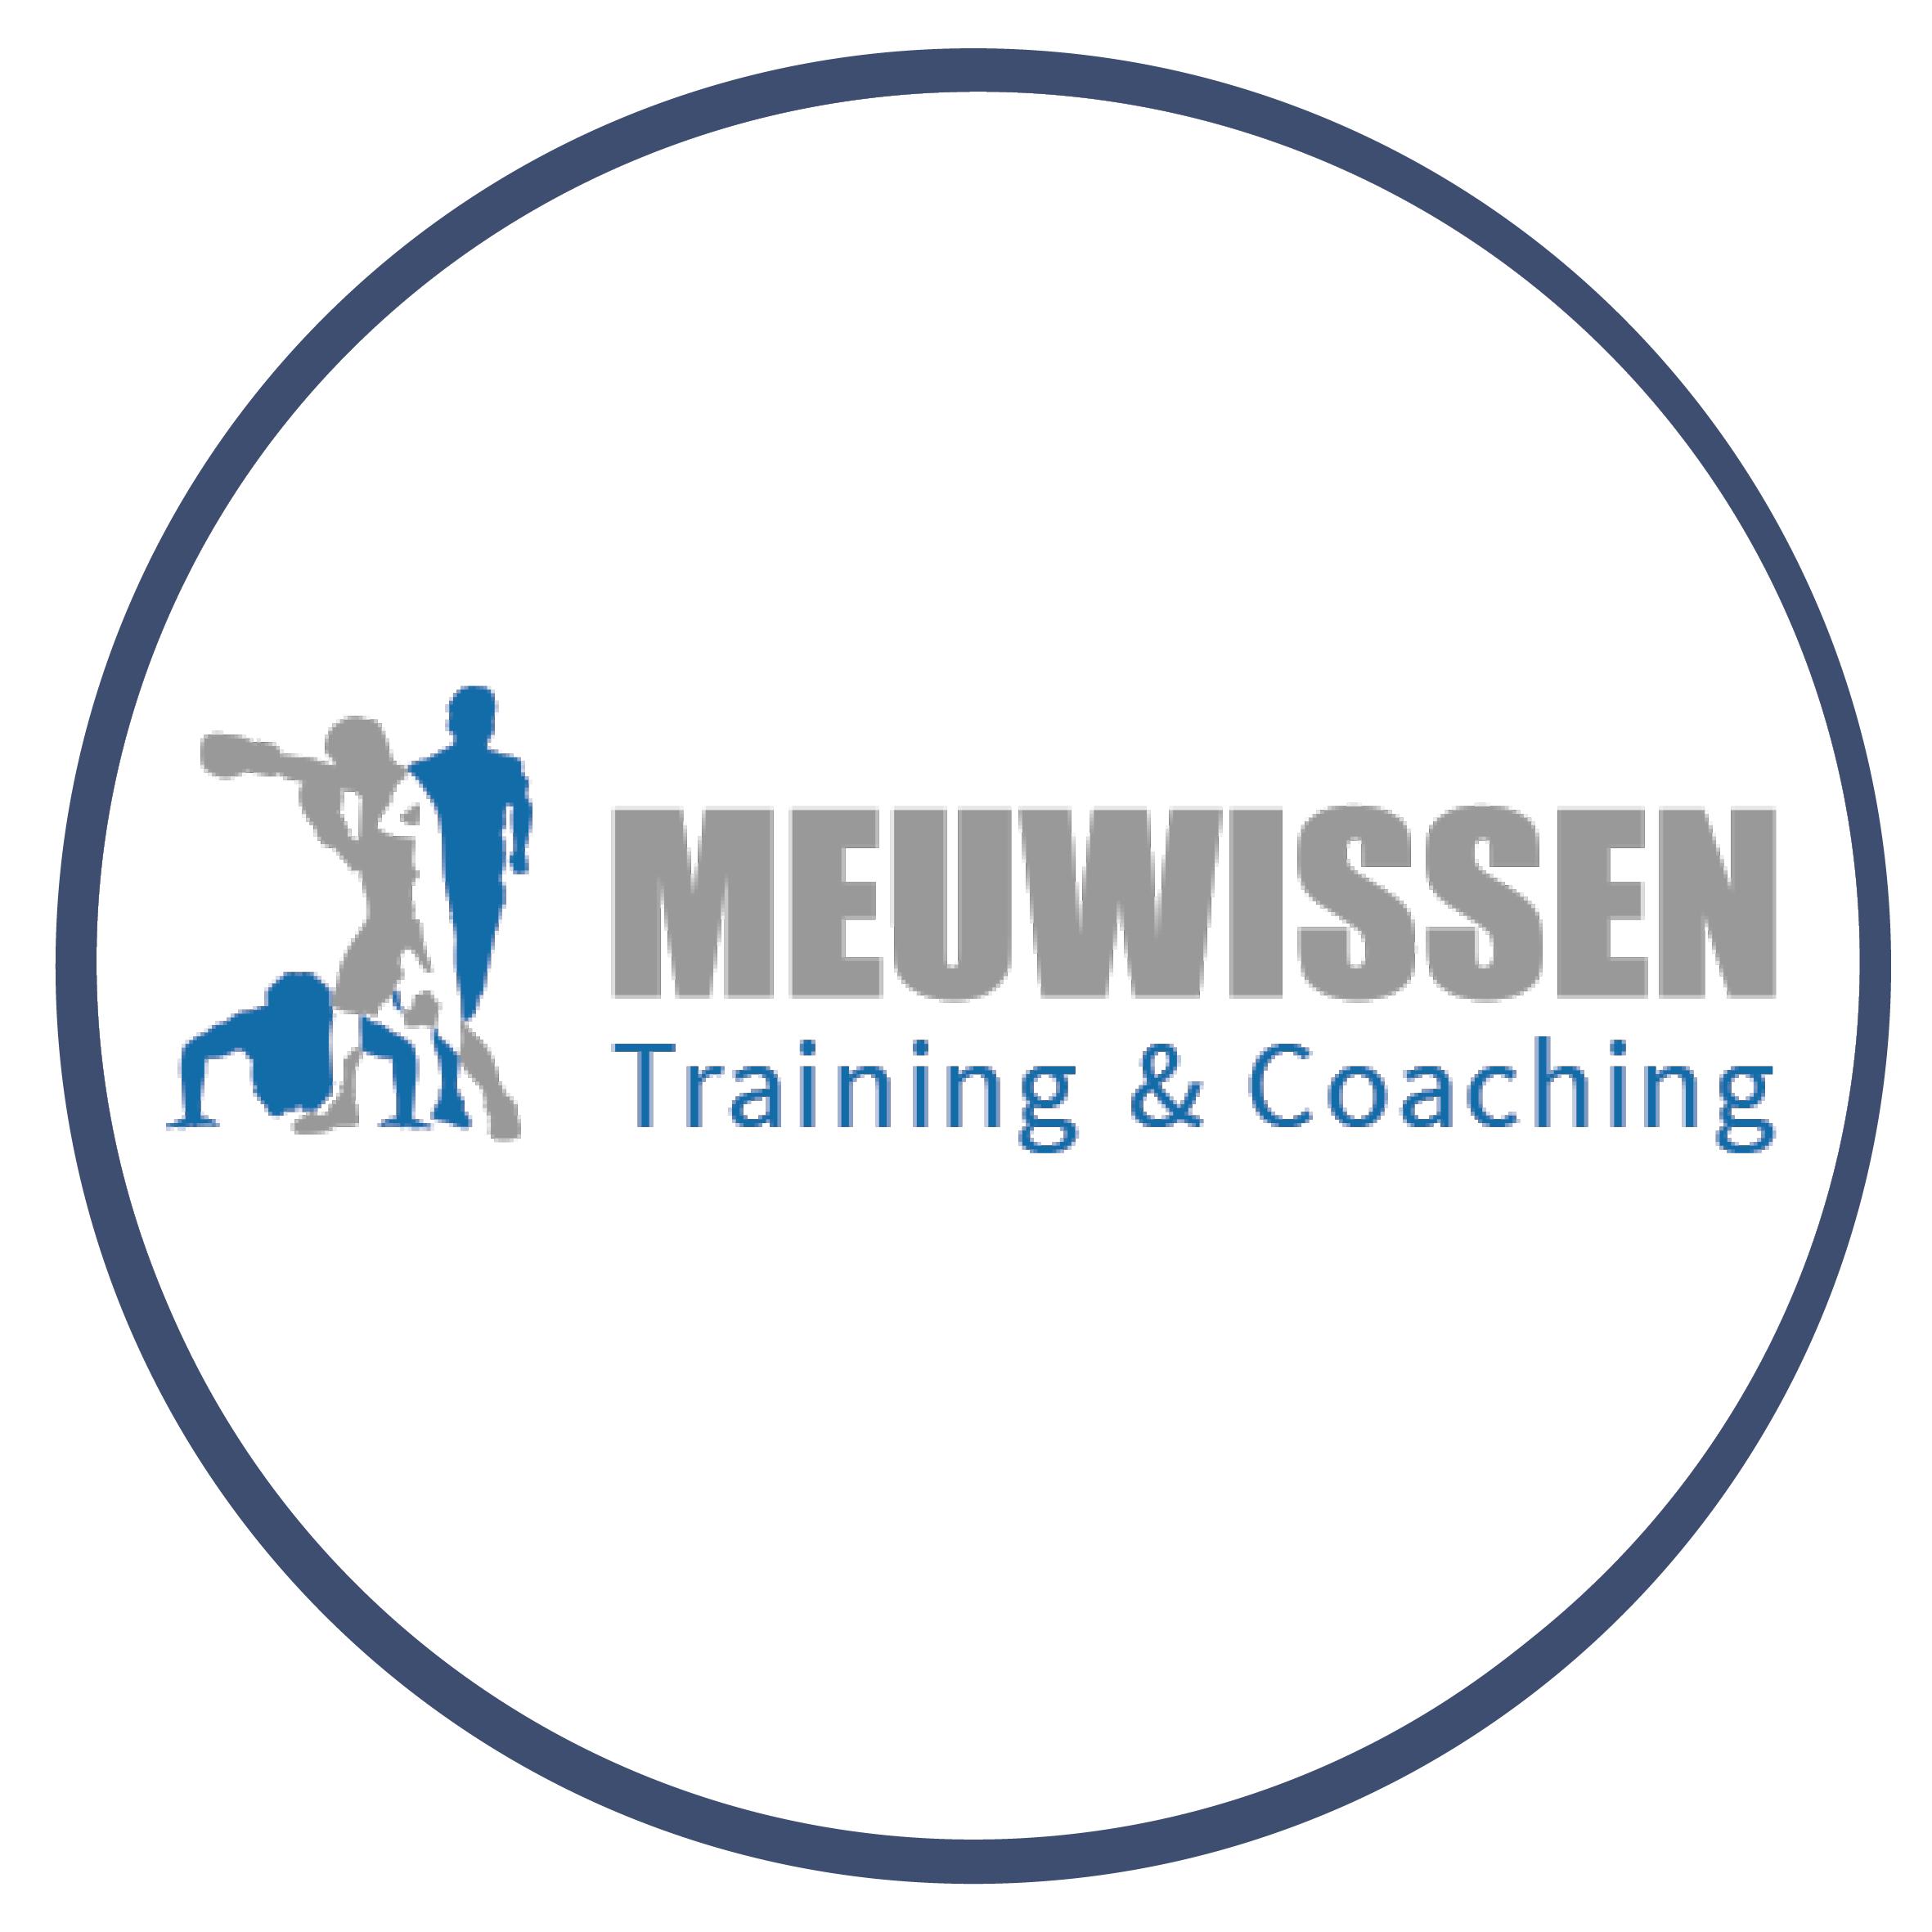 Meuwissen Training & Coaching